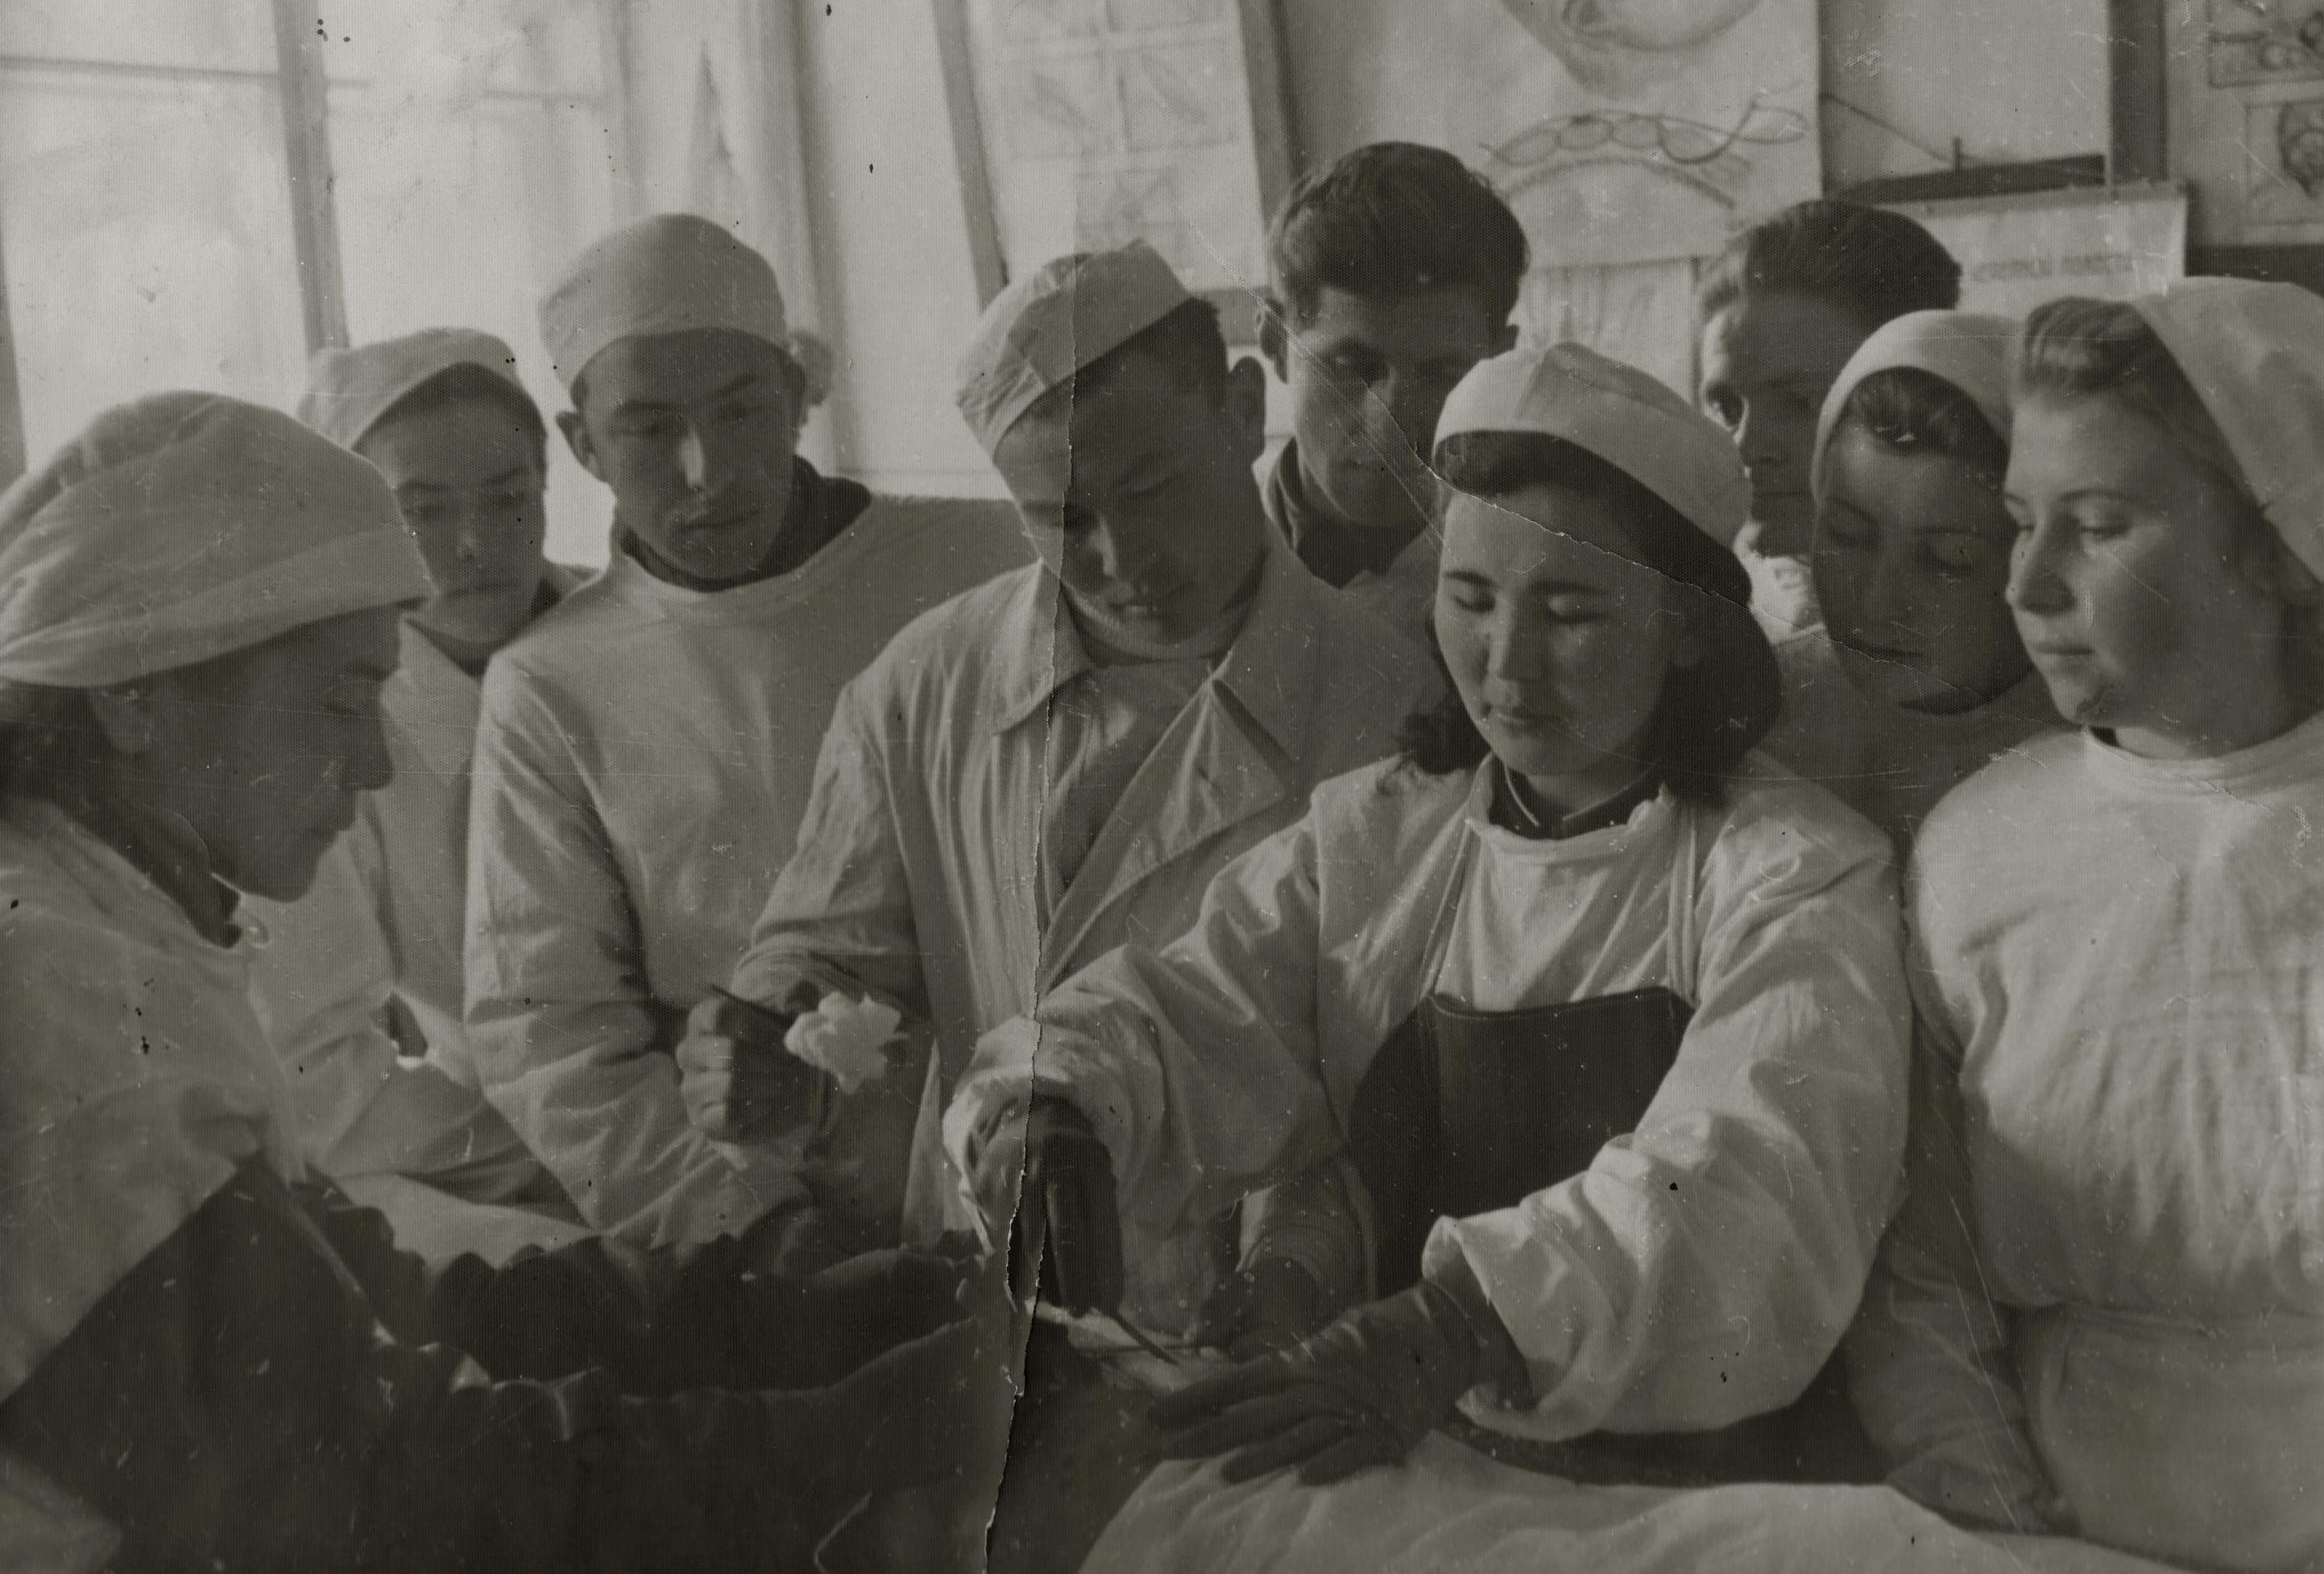 Ветеран Великой Отечественной войны, капитан Рафа Айдарбекова во время операции в Фрунзе